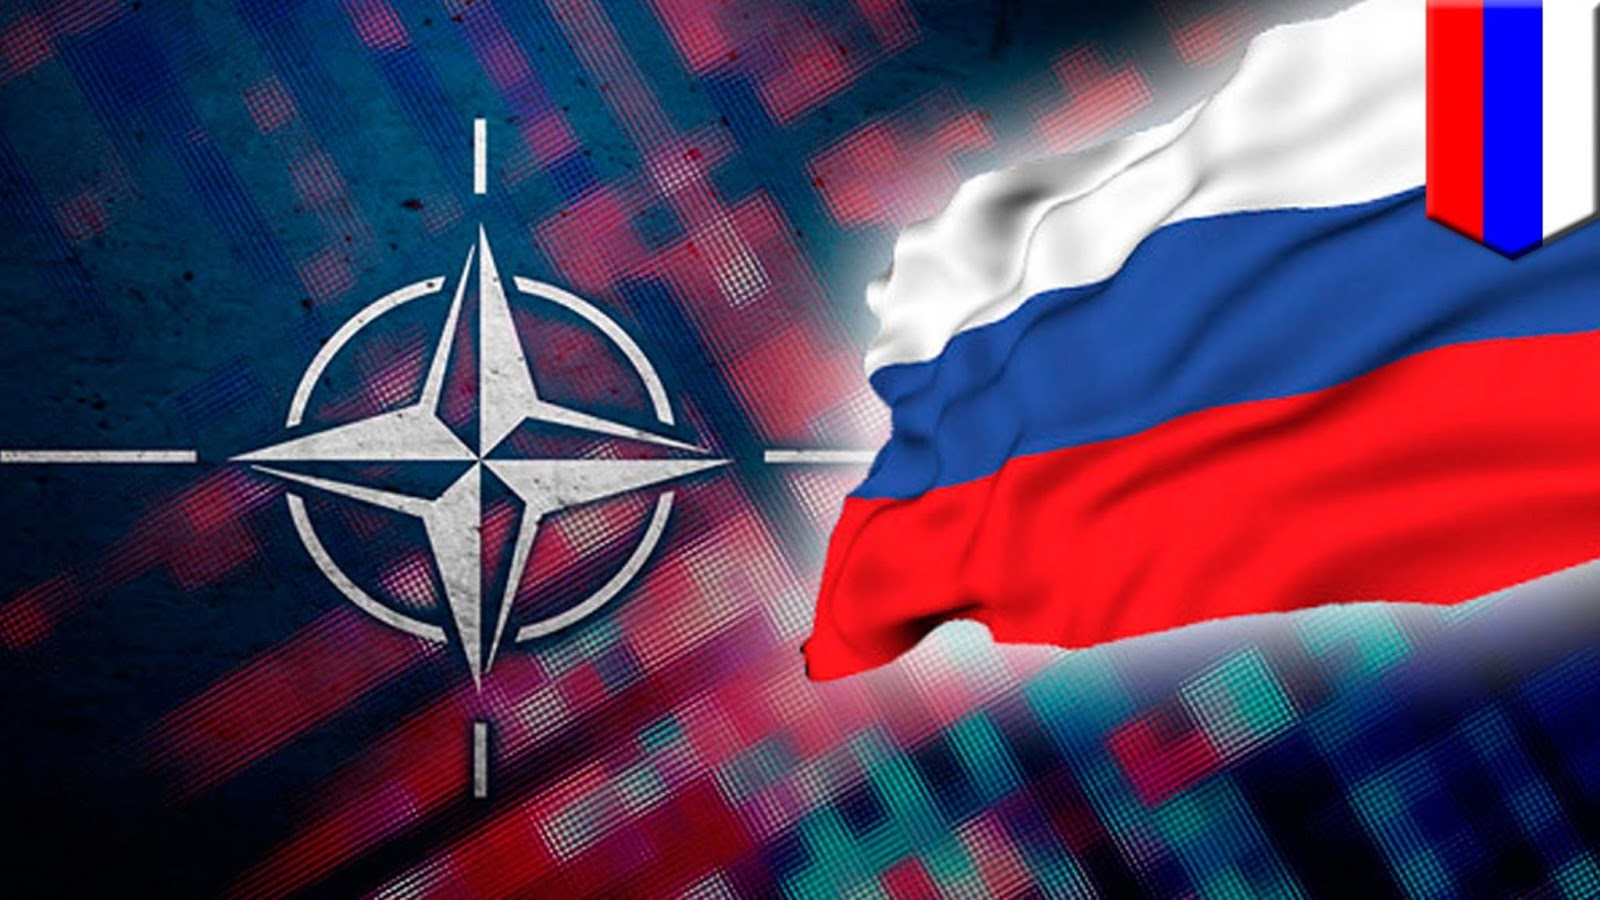 Πώς βλέπει η Ρωσία την «επέκταση» του ΝΑΤΟ στα δυτικά Βαλκάνια